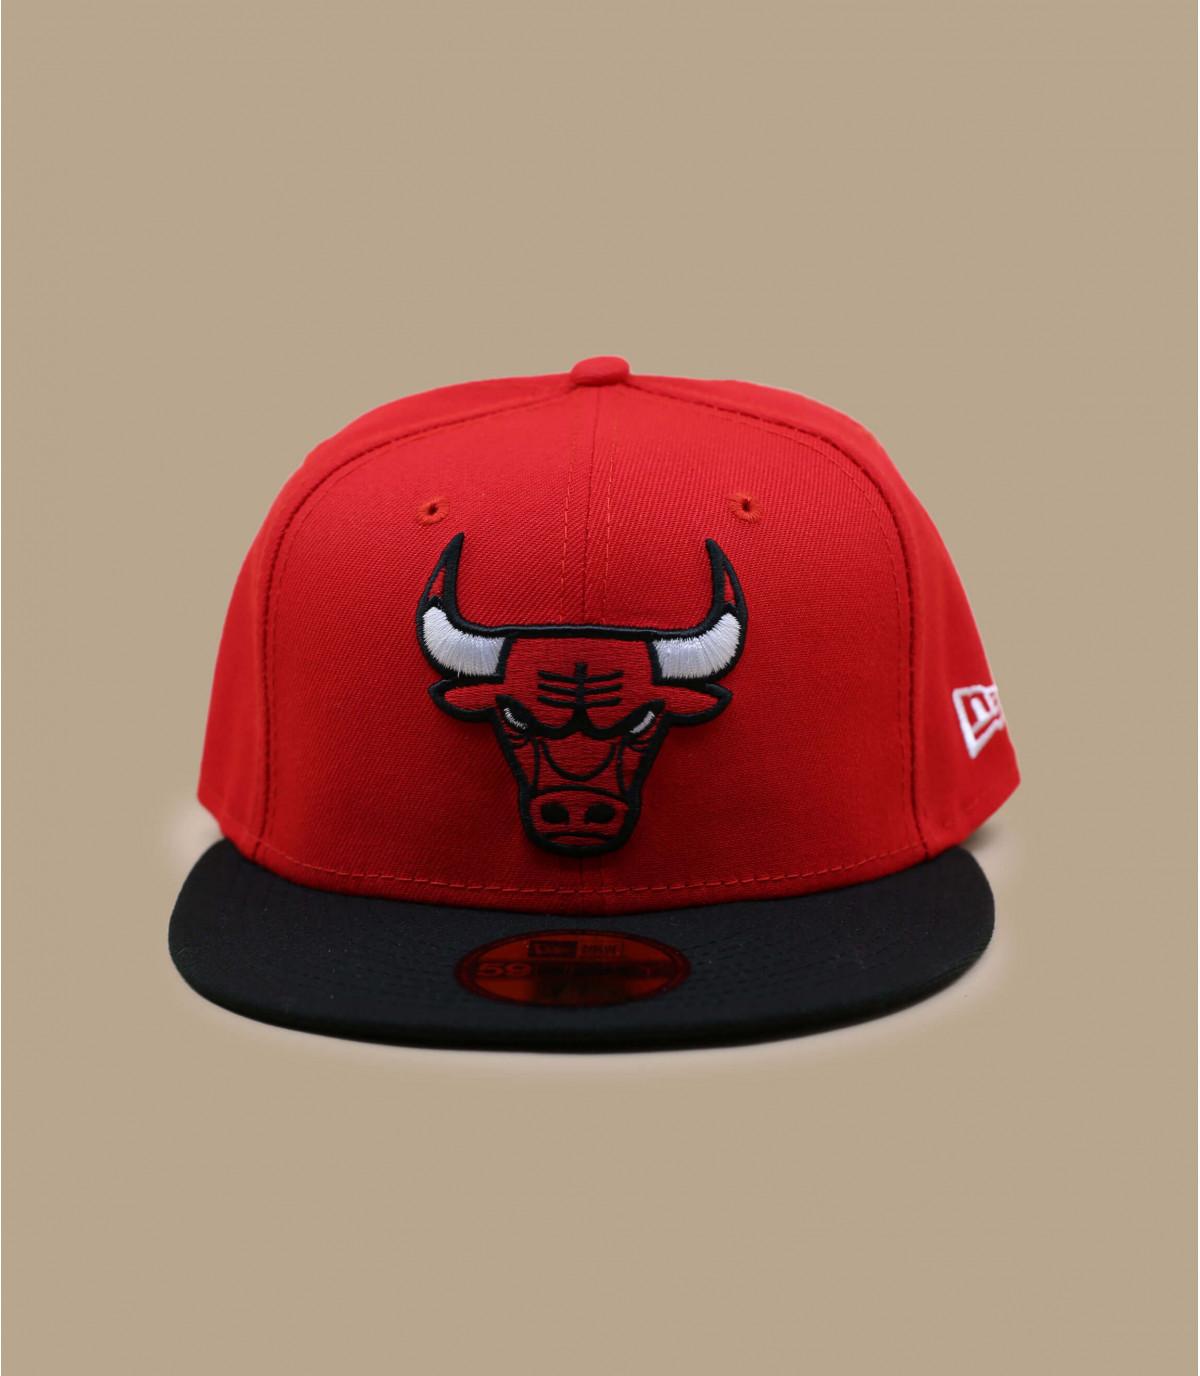 Red Chicago Bulls cap